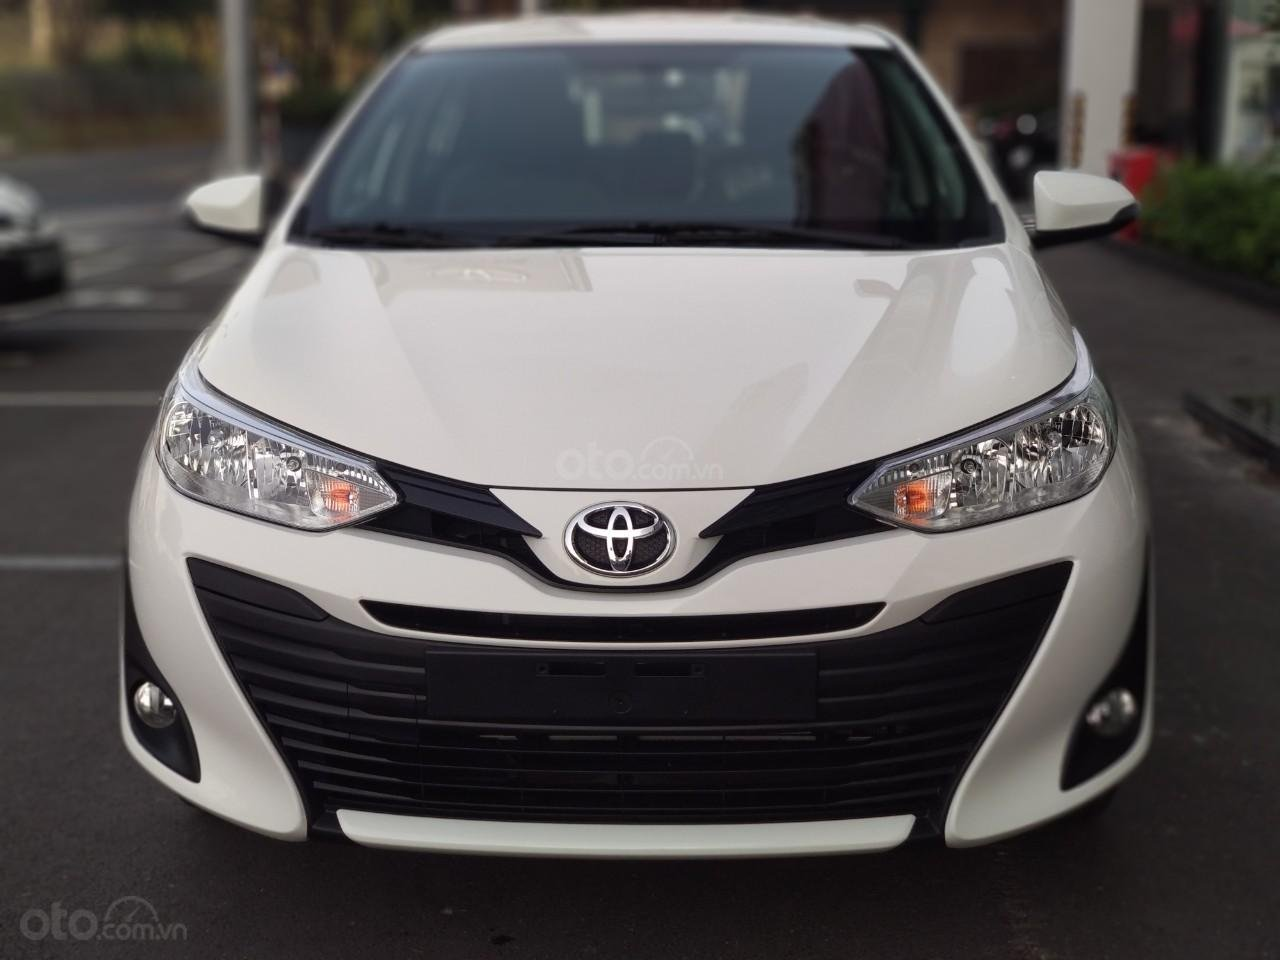 Toyota Vios 1.5E, cam kết giá tốt - cạnh tranh, trả trước 120 triệu - hỗ trợ ngân hàng - lãi suất thấp (2)